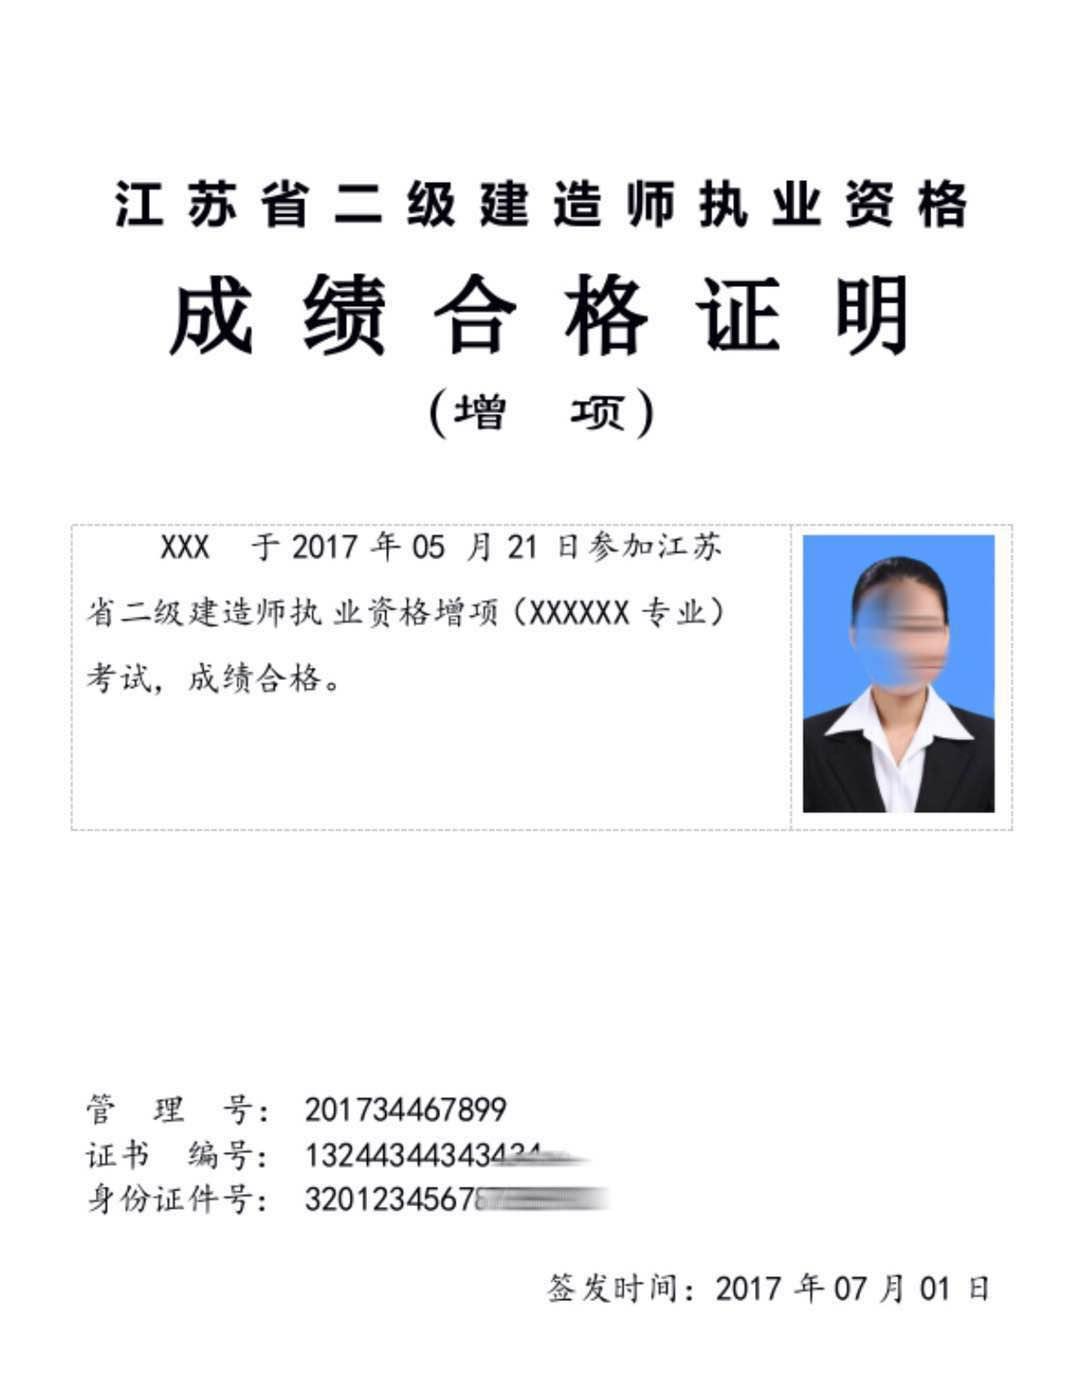 江苏专业技术人员资格电子证书可以网上查询自行打印啦